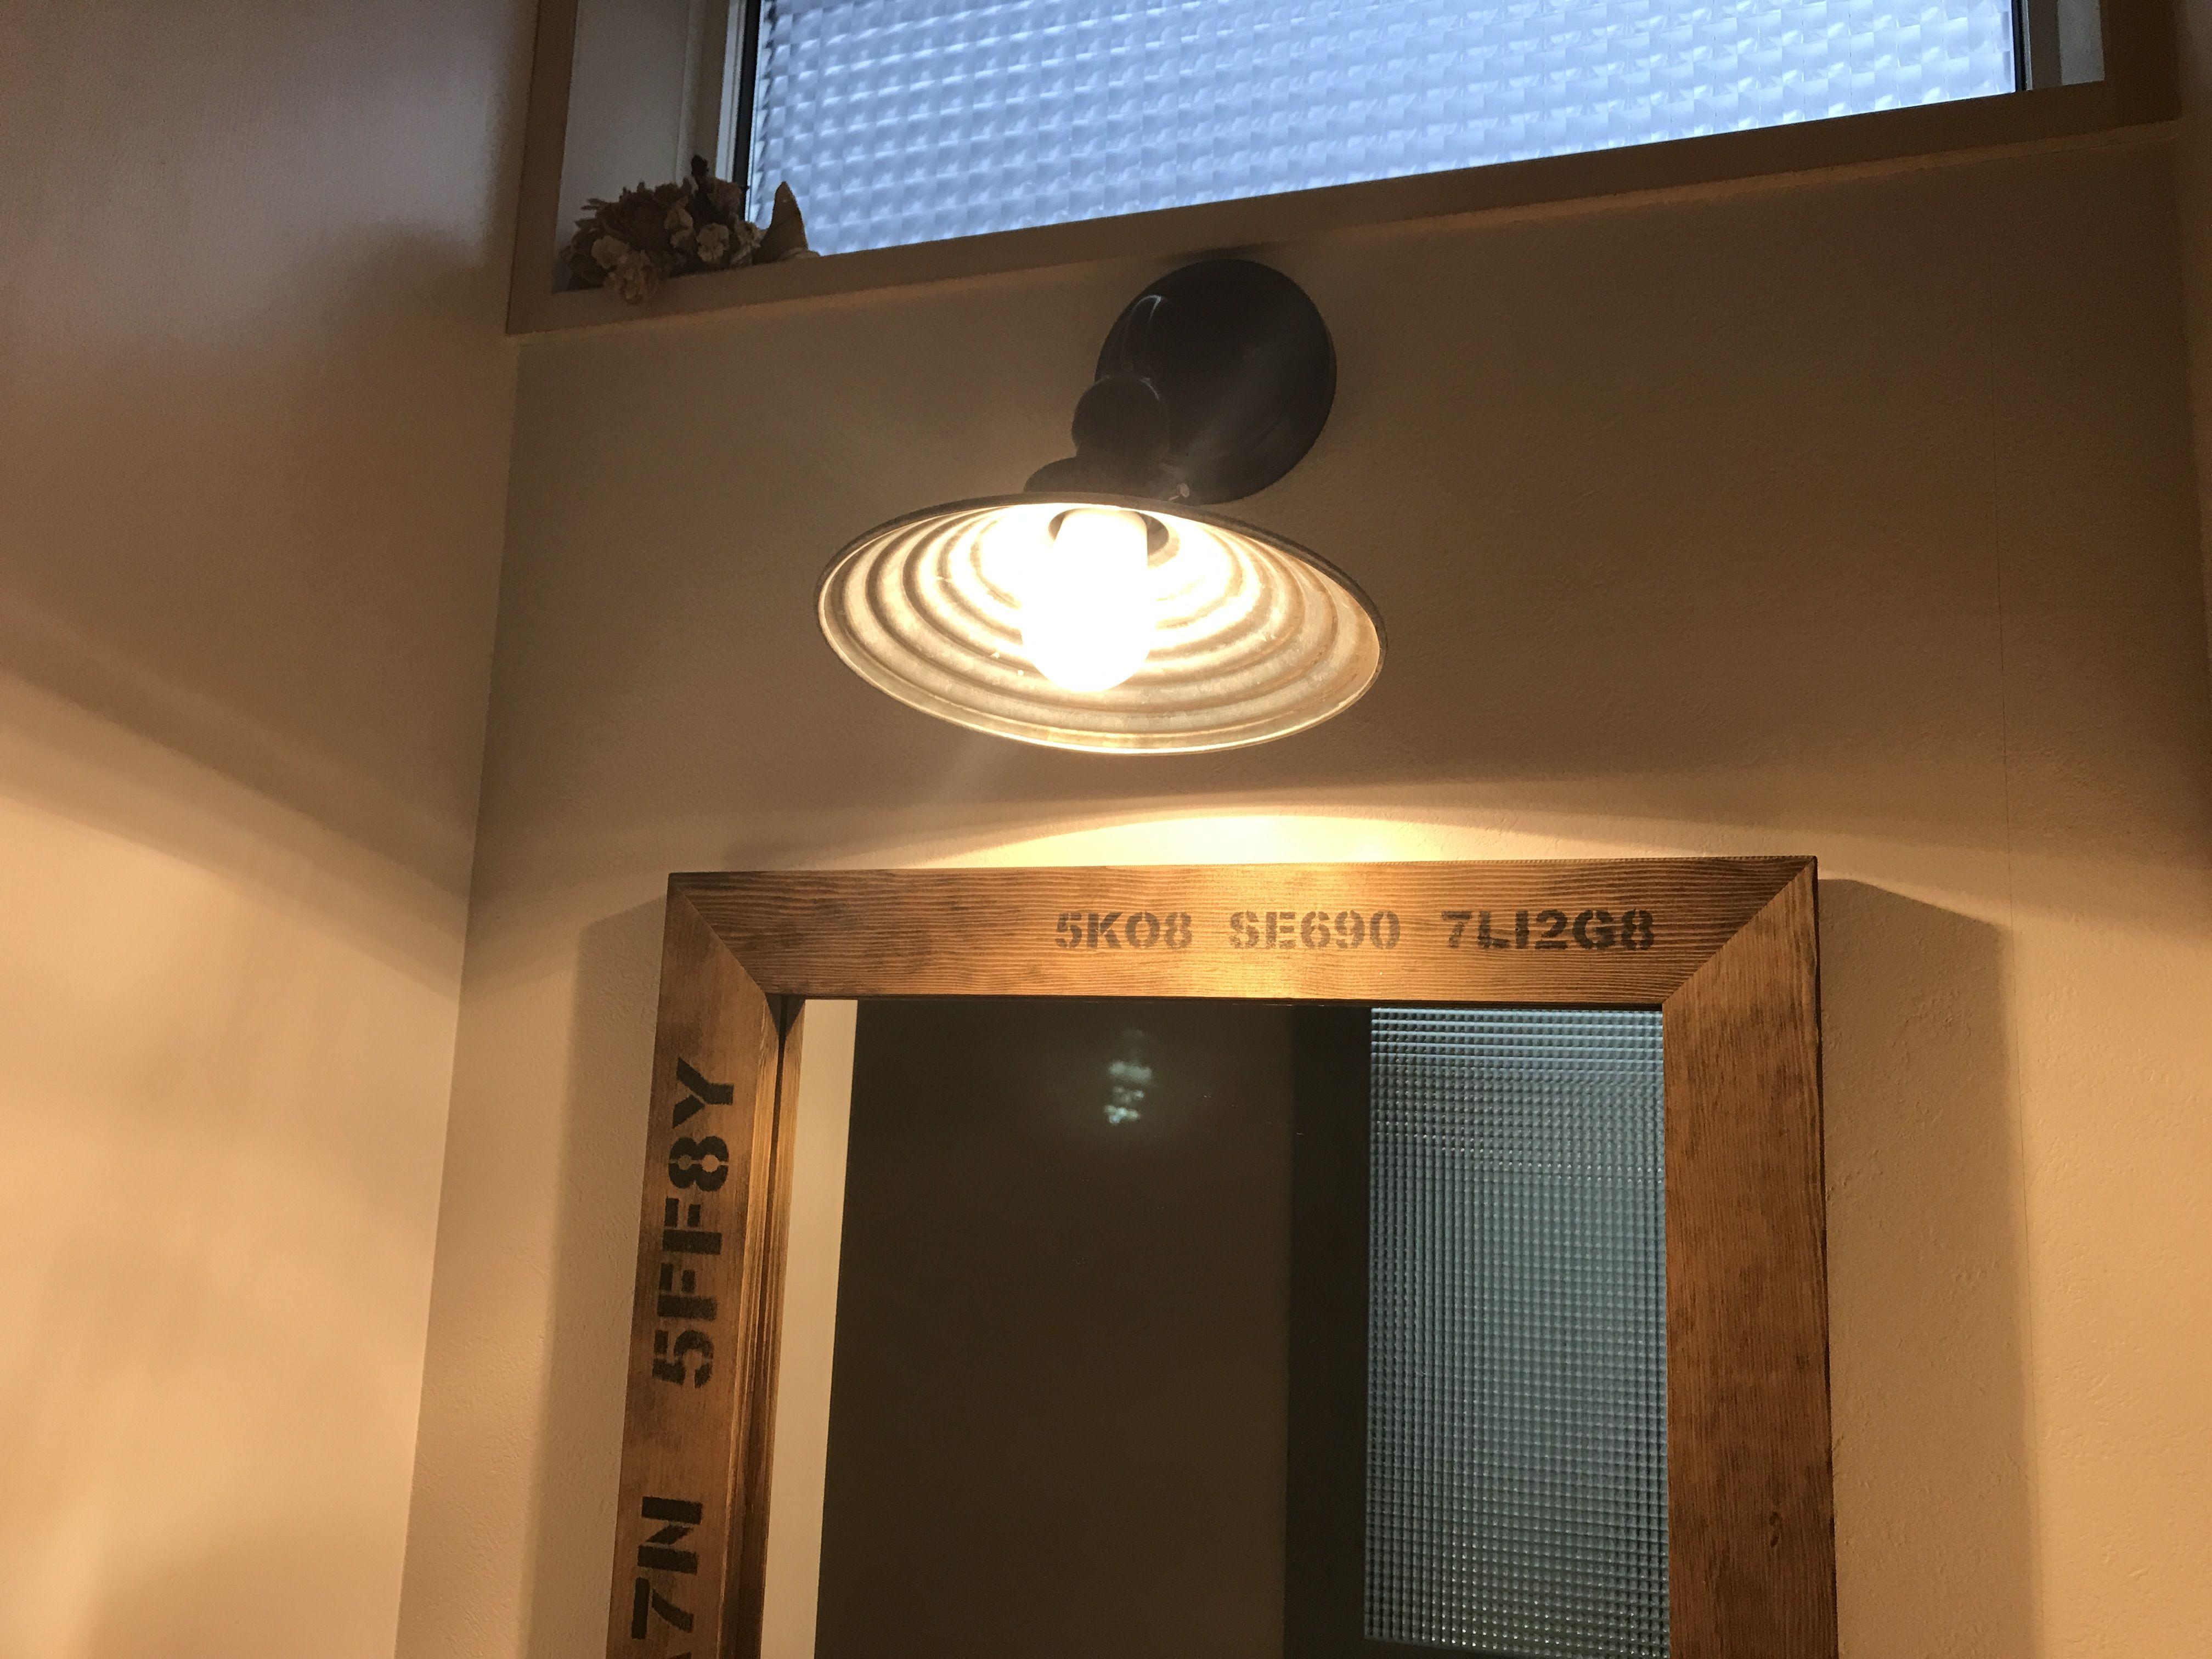 照明器具を施主支給するなら知っておきたい照明の種類 おすすめのインテリア照明 照明 照明器具 シーリングライト